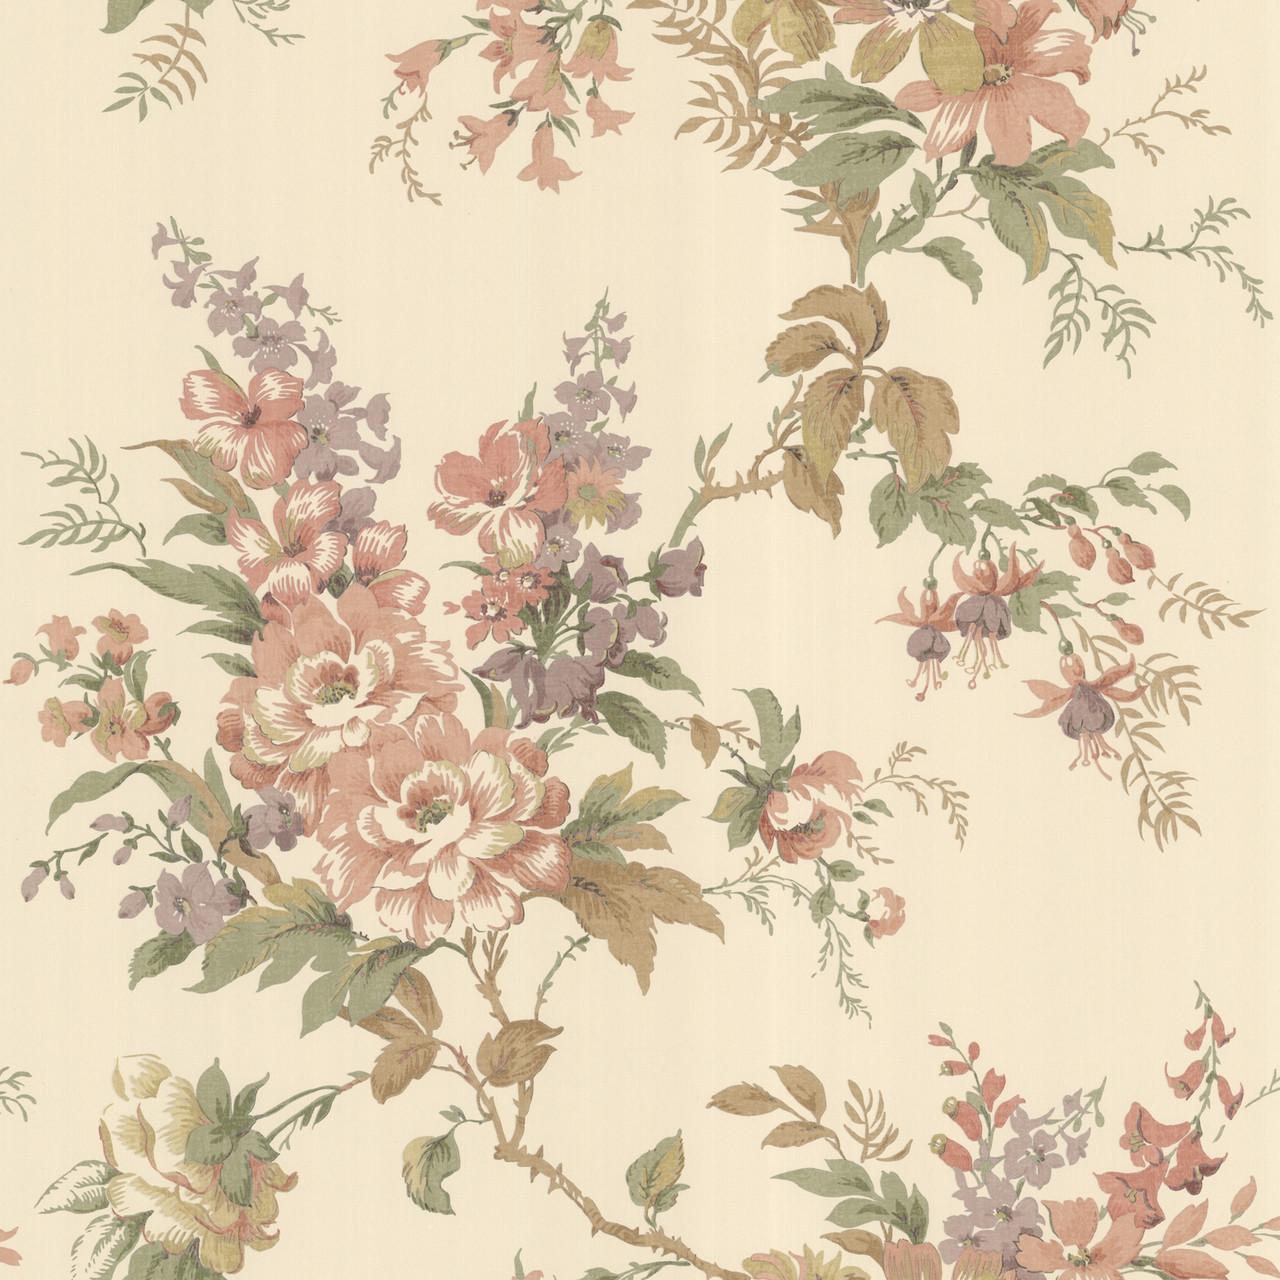 La Belle Maison Lush Floral Trail Coral Wallpaper 302 66837